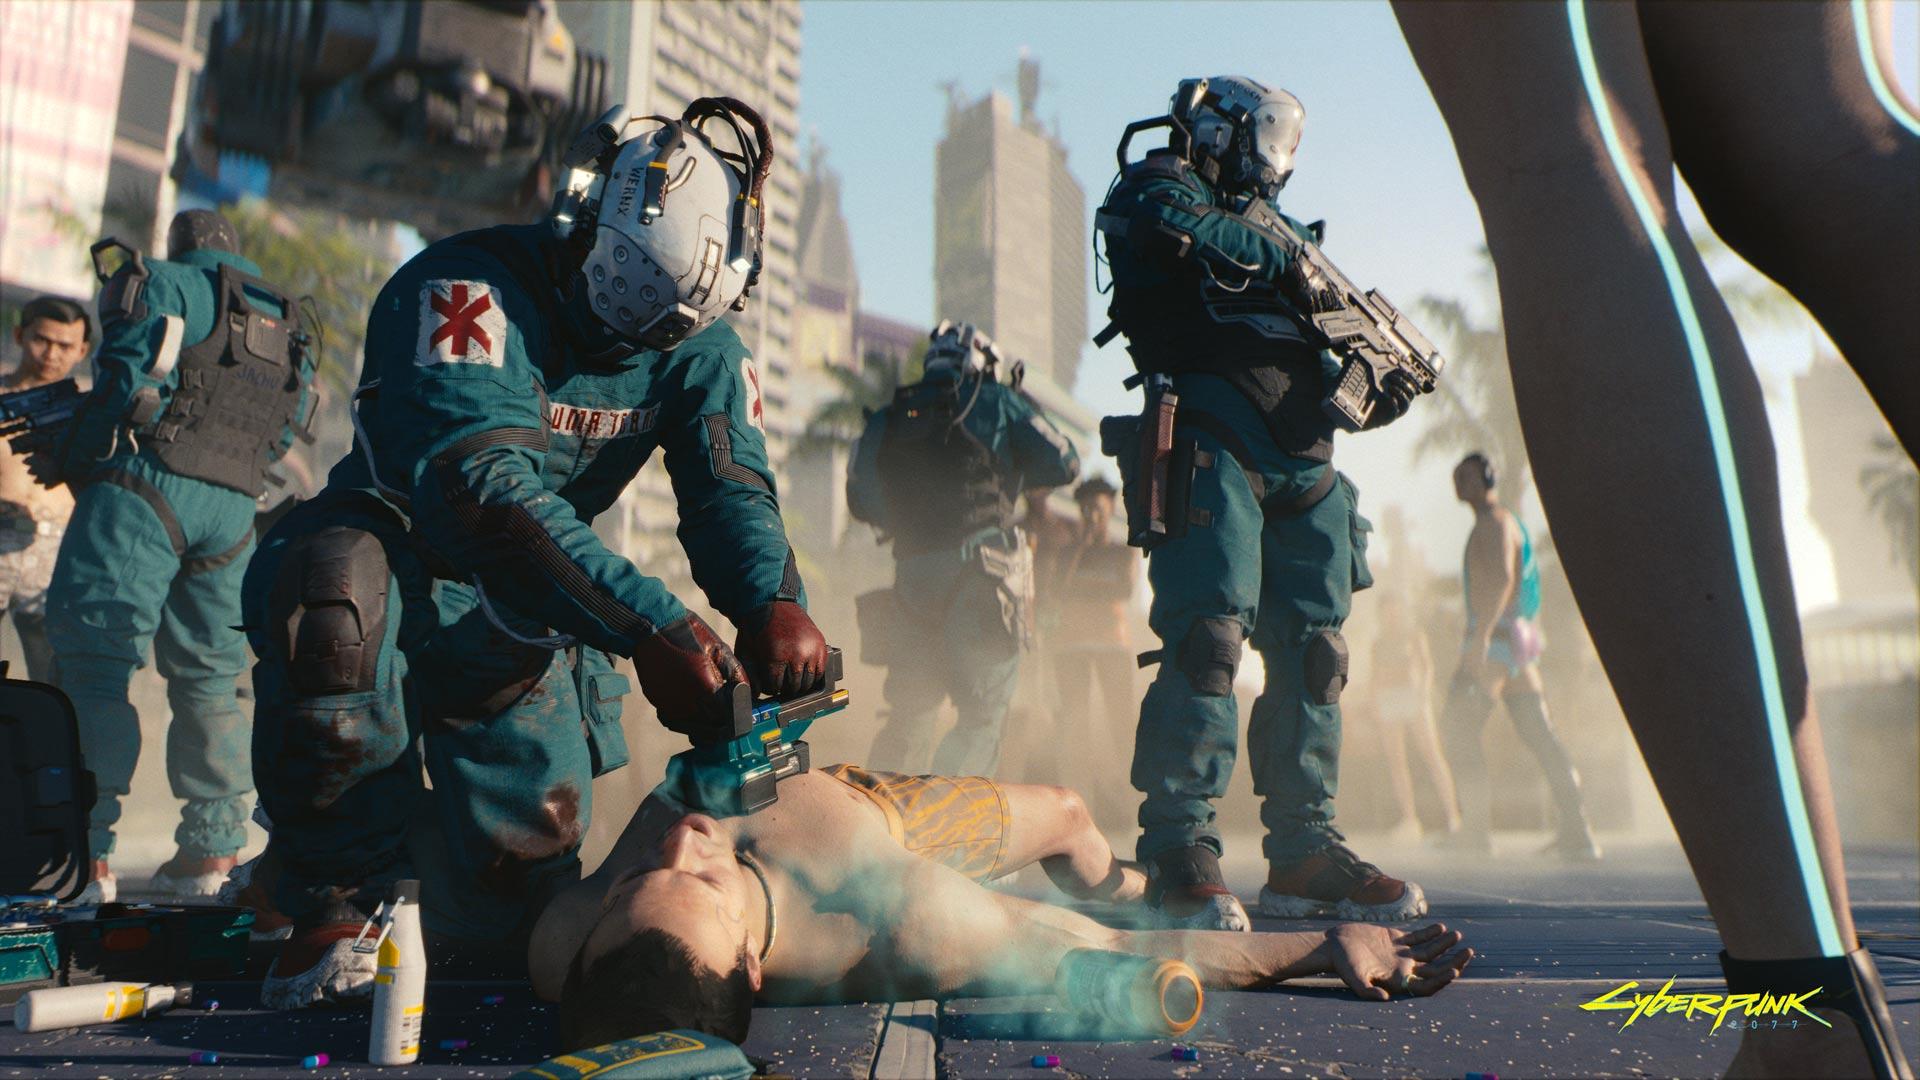 Видео: блогер изучил дорелизную версию Cyberpunk 2077 и нашёл немало интересного вырезанного контента